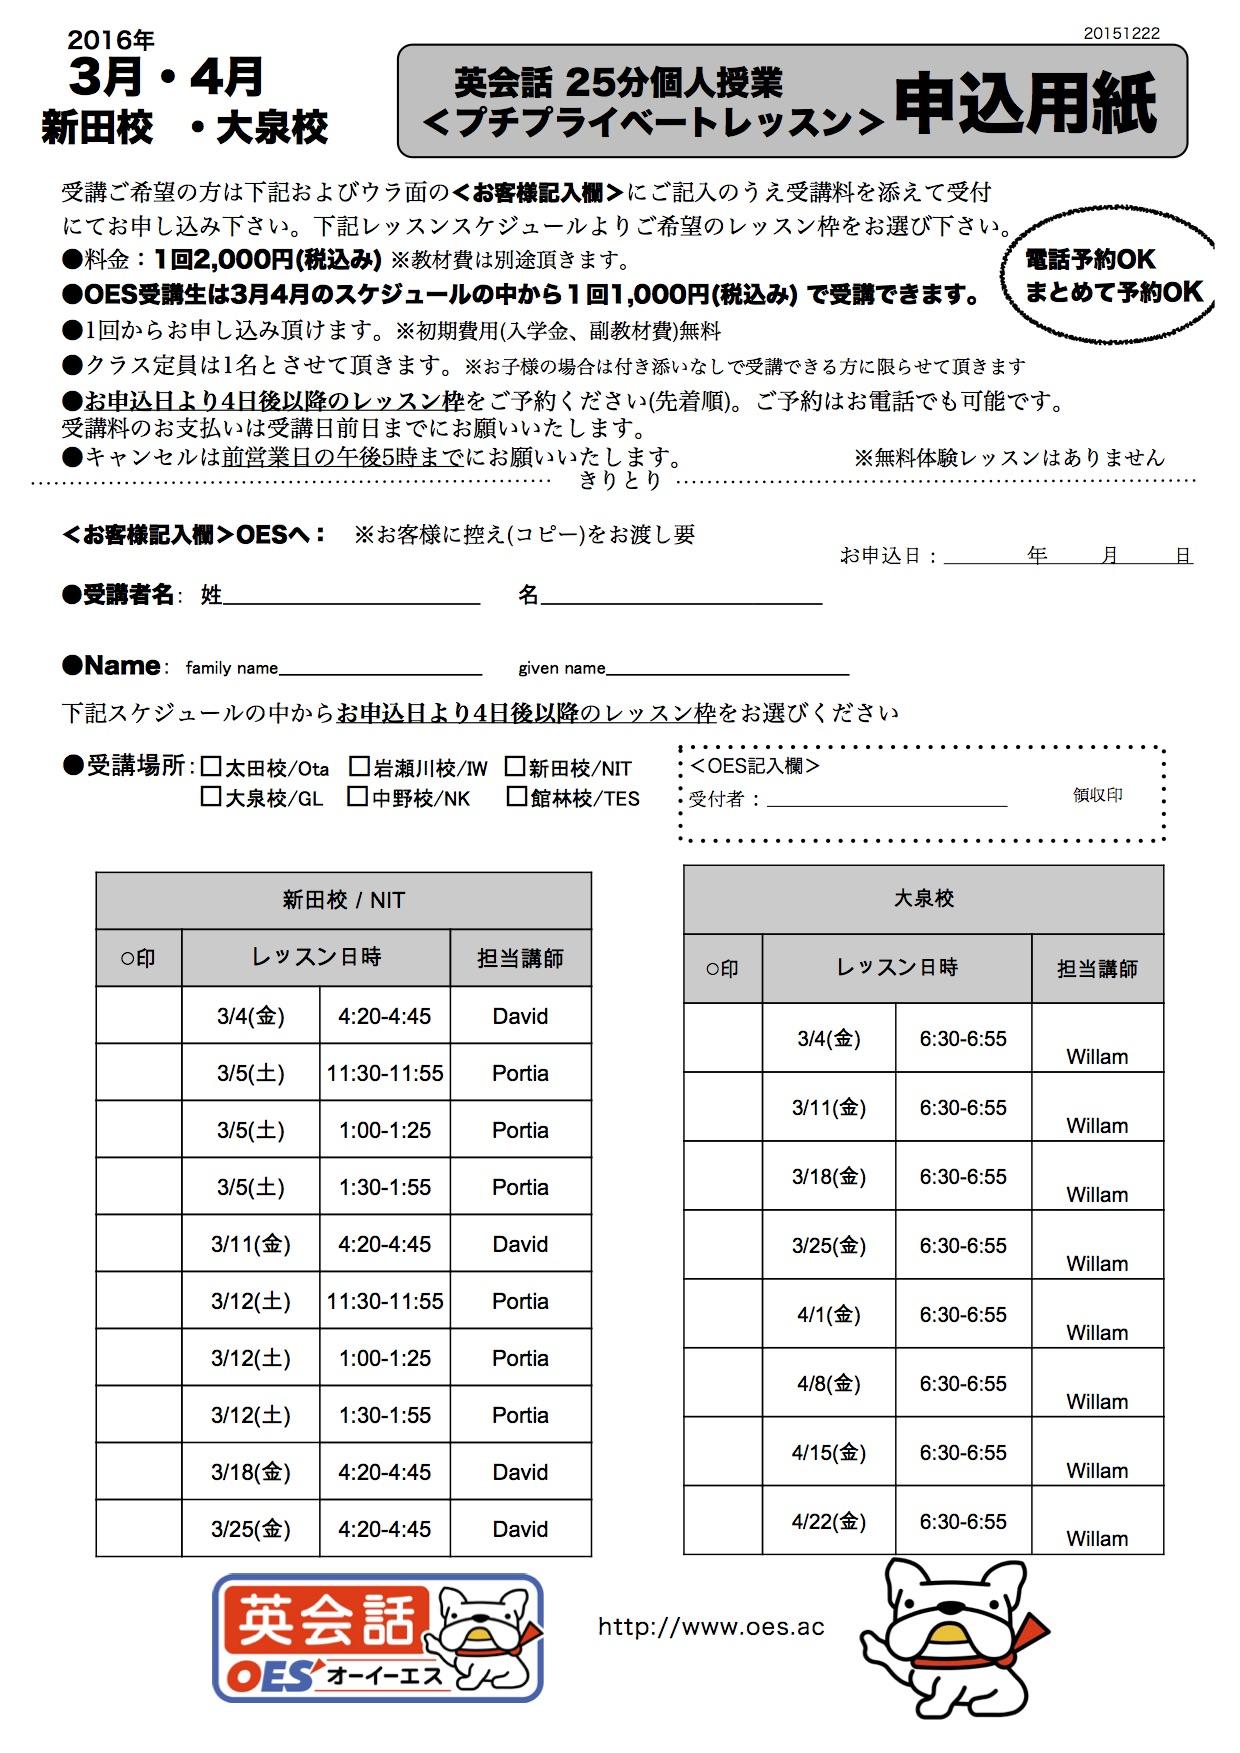 3月4月新田校/大泉校プチプライベートレッスン申込用紙